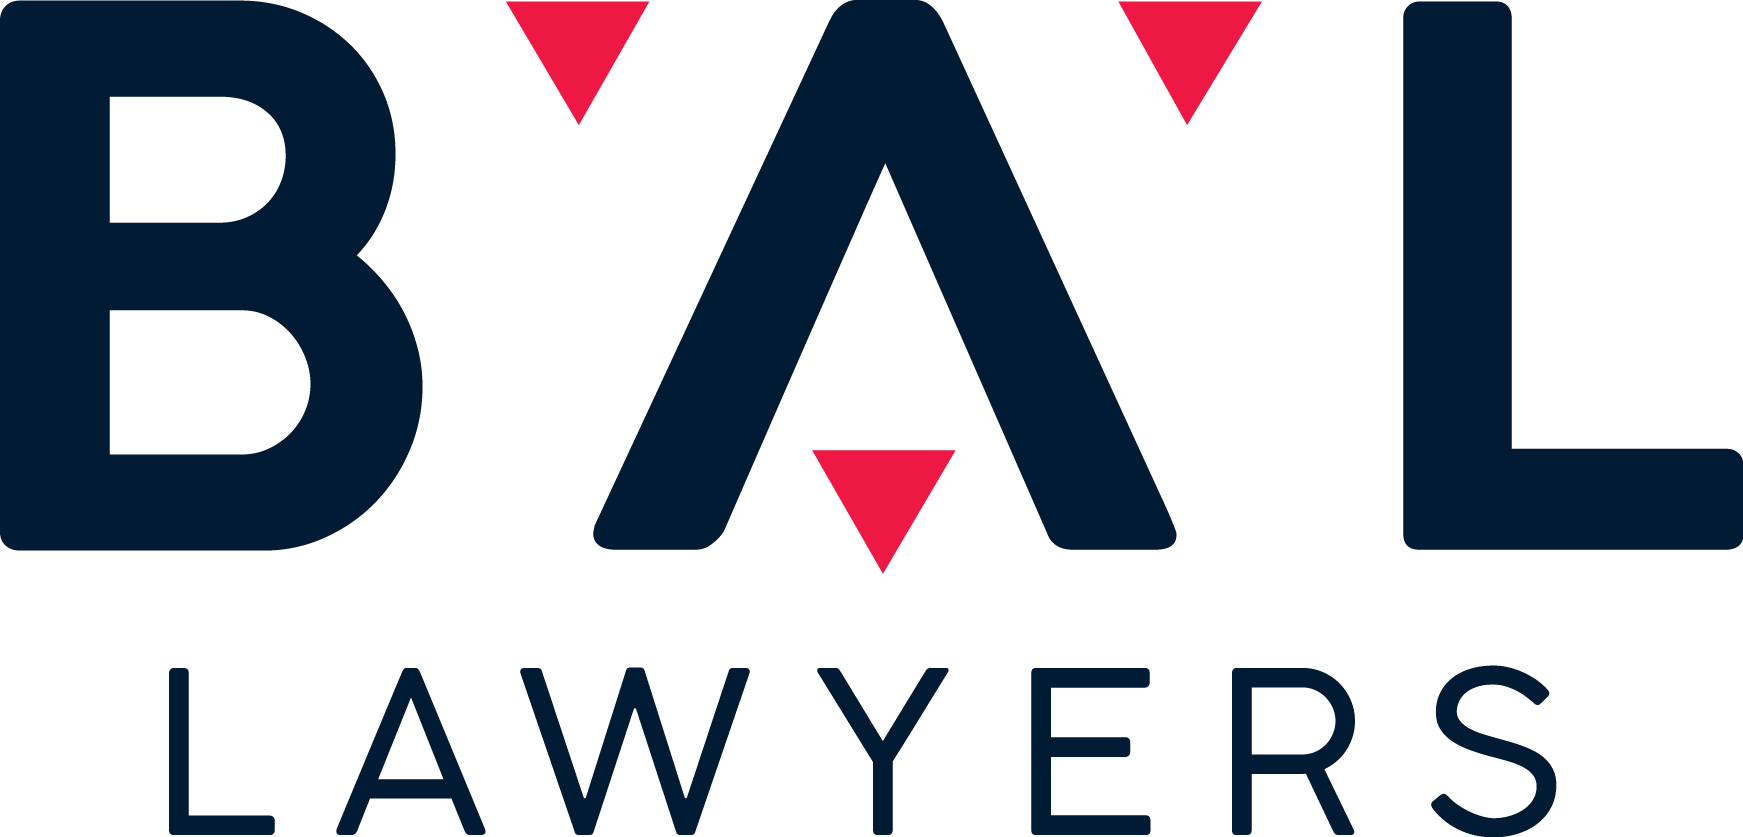 bradley-allen-love-lawyers-logo.png